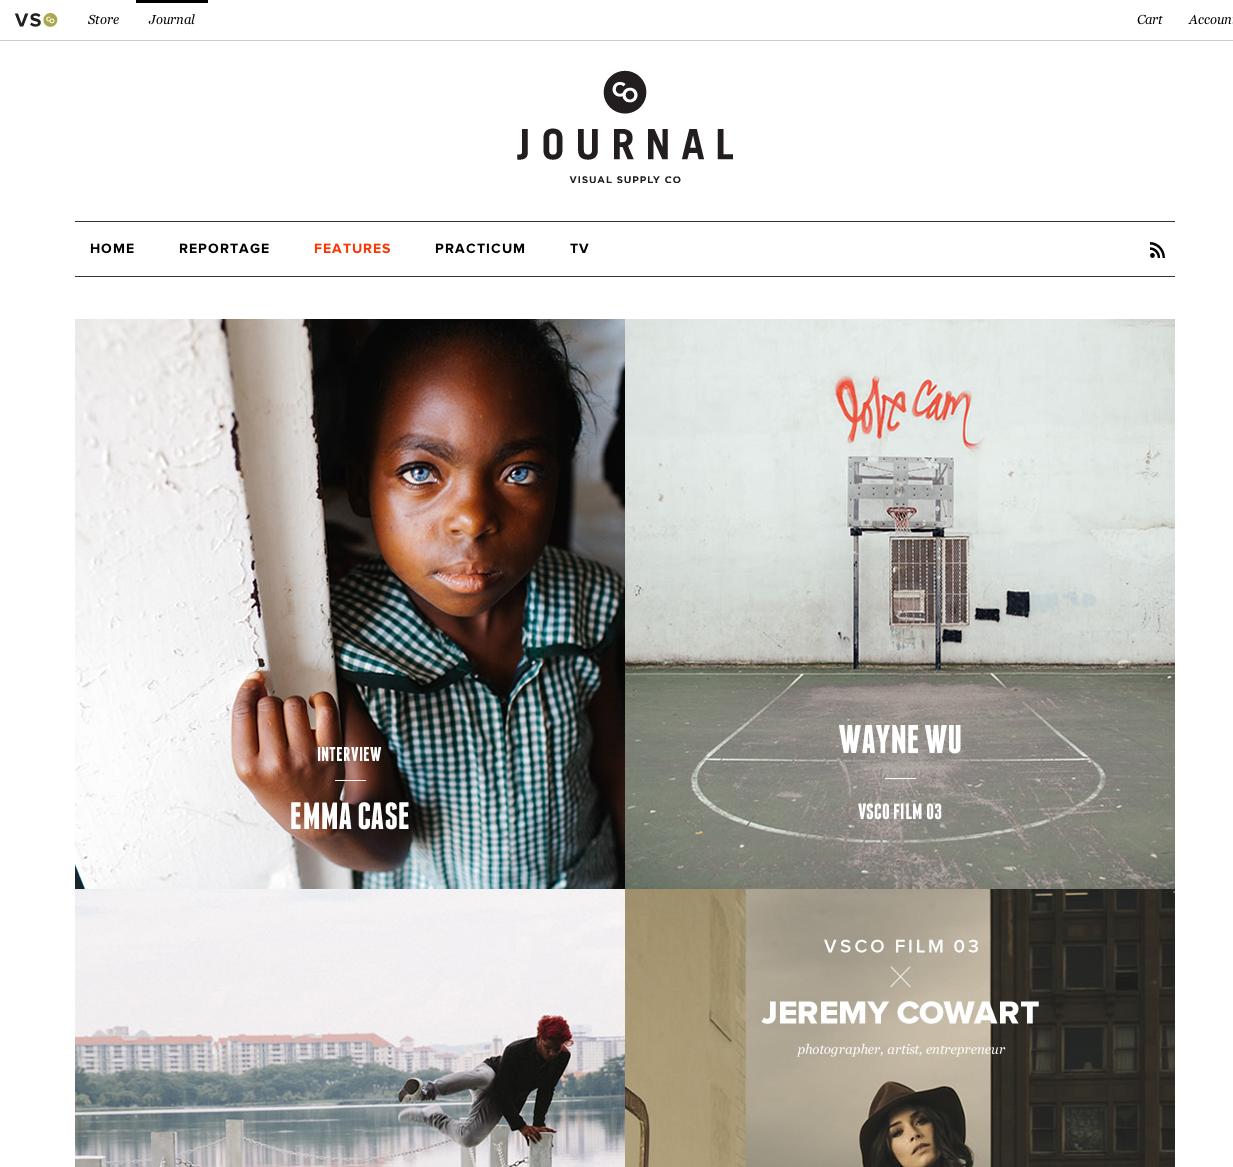 Visual Supply's Journal Site -http://vsco.co/journal